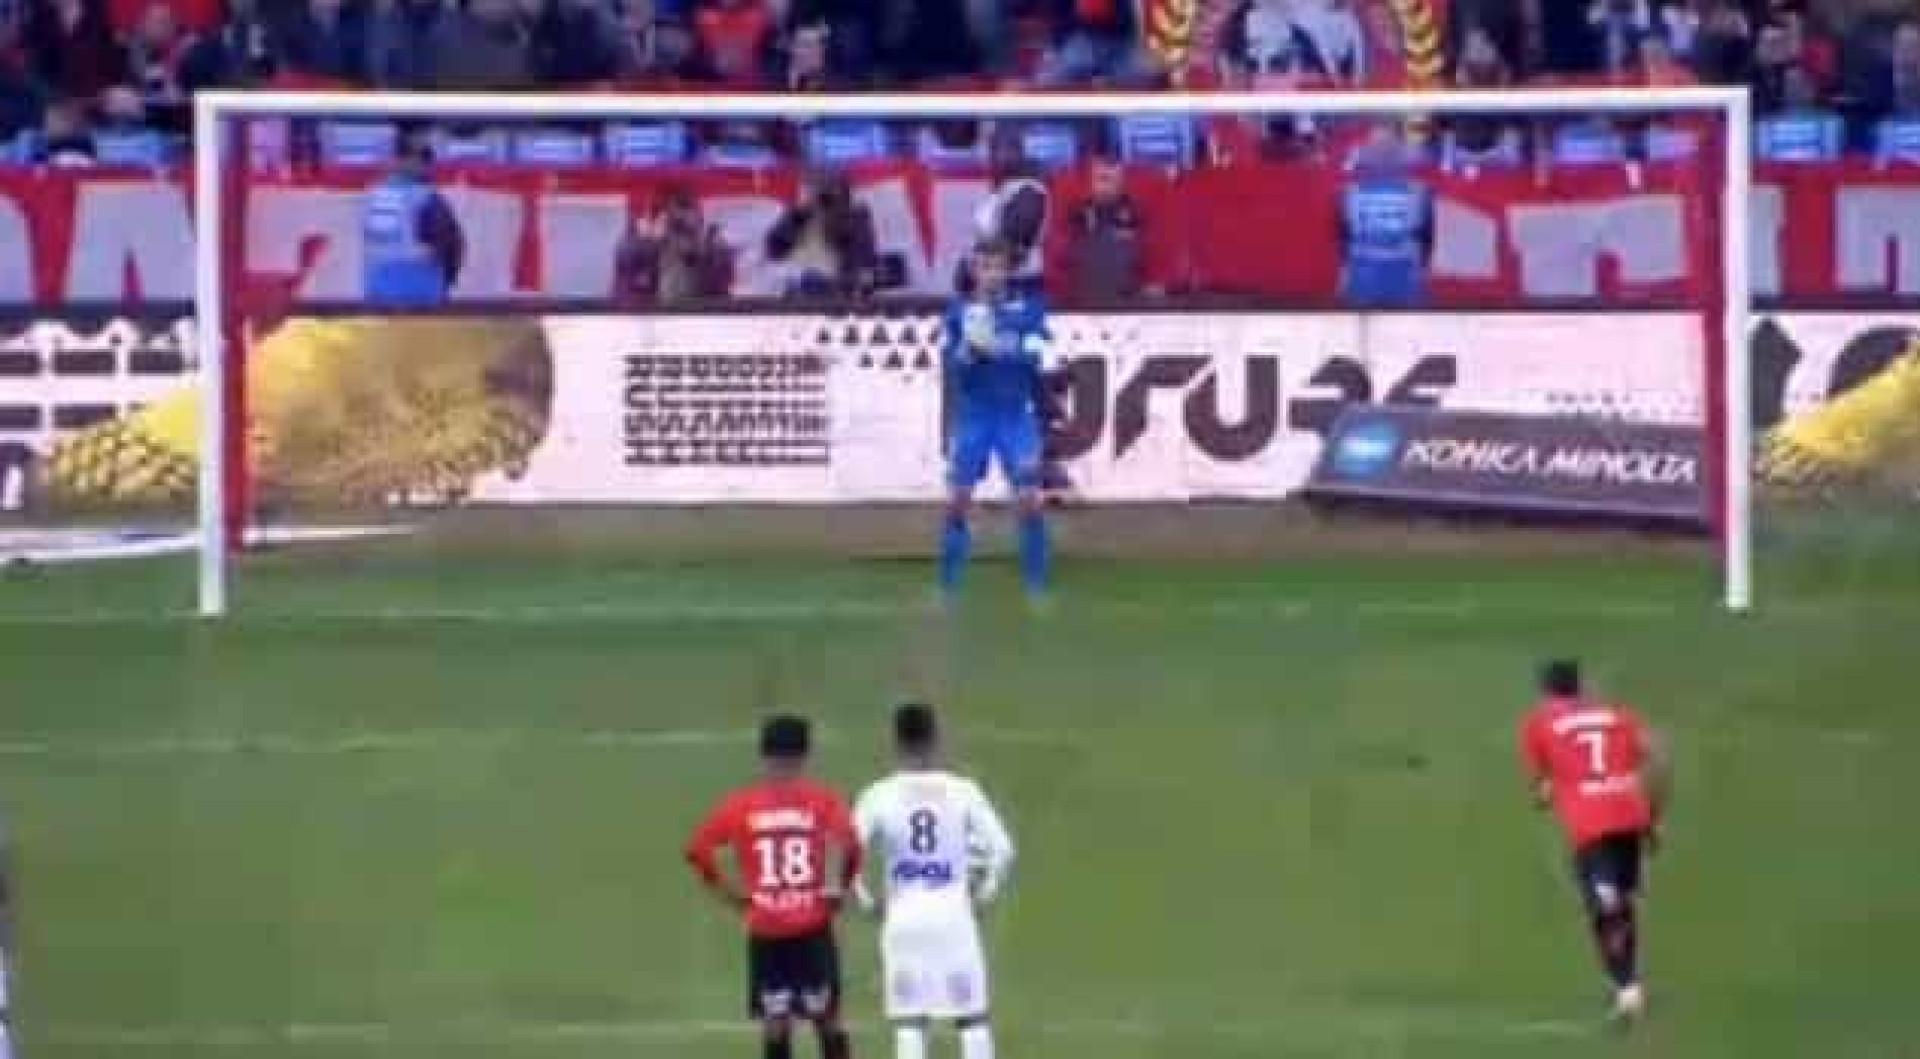 Ao 11.º jogo, eis o primeiro golo do ex-leão Raphinha pelo Rennes